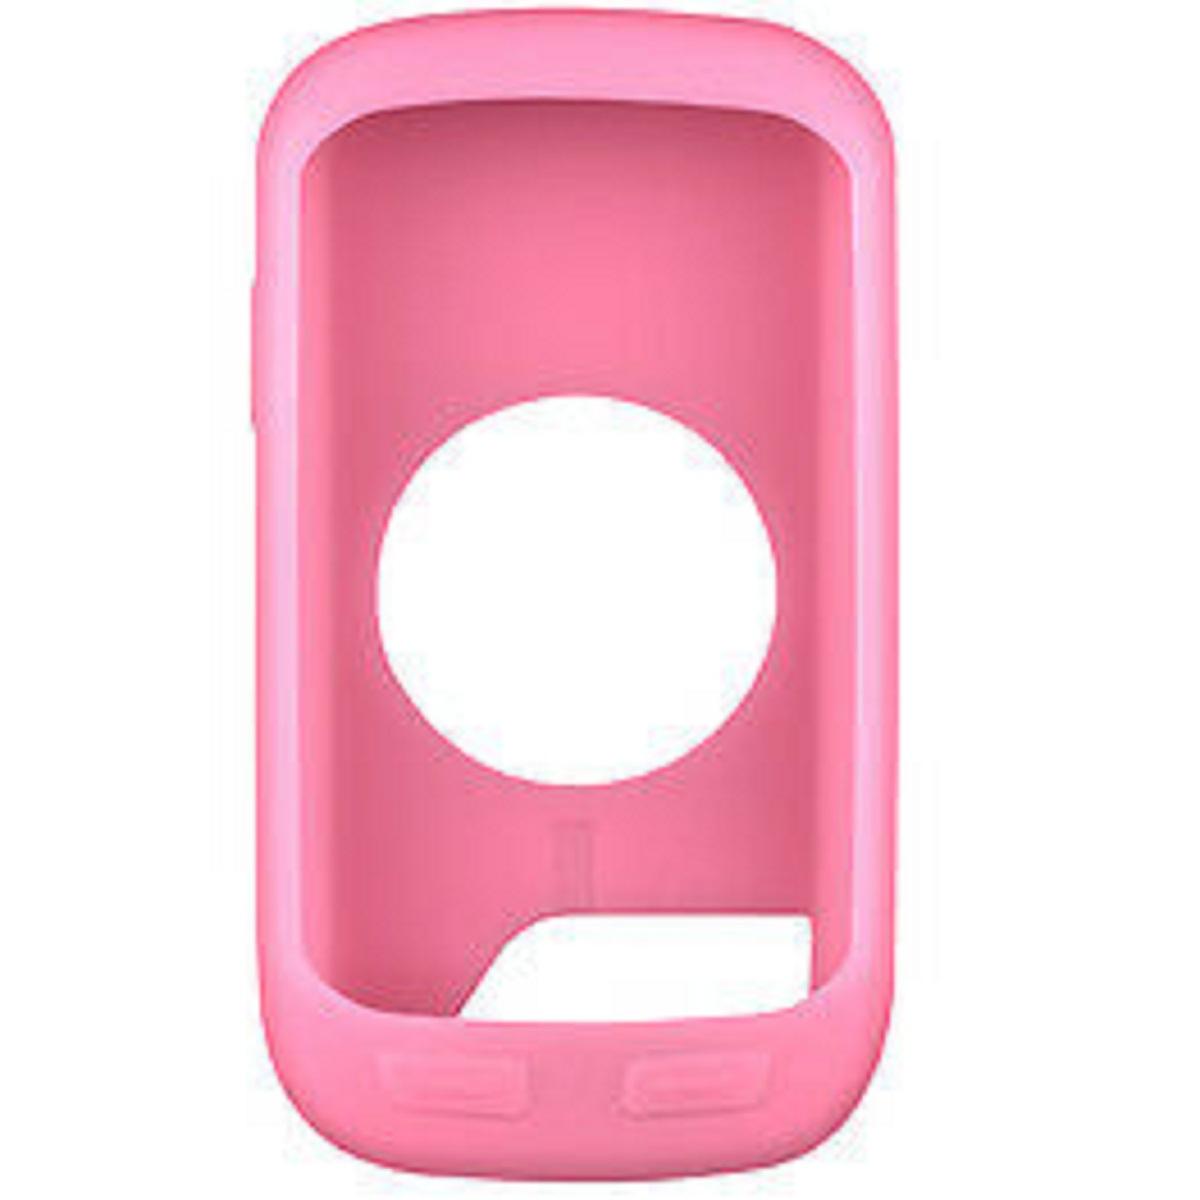 Garmin Capa de Silicone Edge 1000 Rosa - 010-12026-06